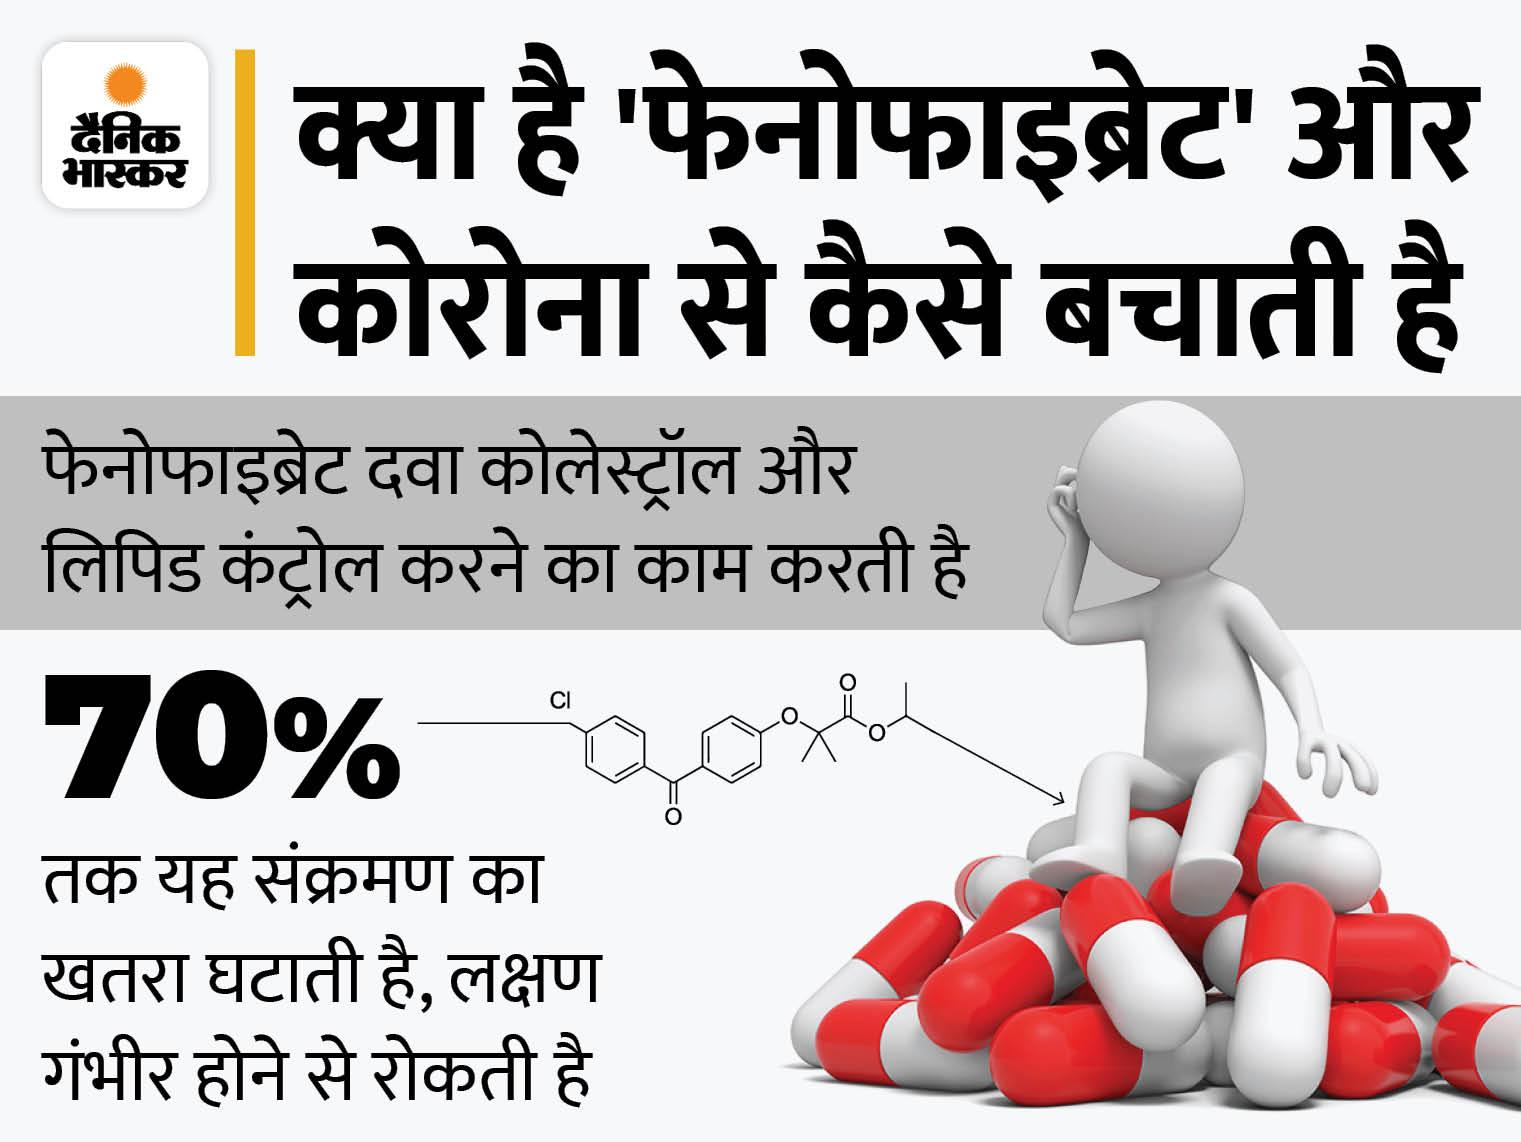 कोलेस्ट्रॉल घटाने वाली दवा फेनोफाइब्रेट से कोरोना के संक्रमण का खतरा 70% तक घटा सकते हैं, हालत नाजुक होने से भी बचाया जा सकेगा|लाइफ & साइंस,Happy Life - Dainik Bhaskar